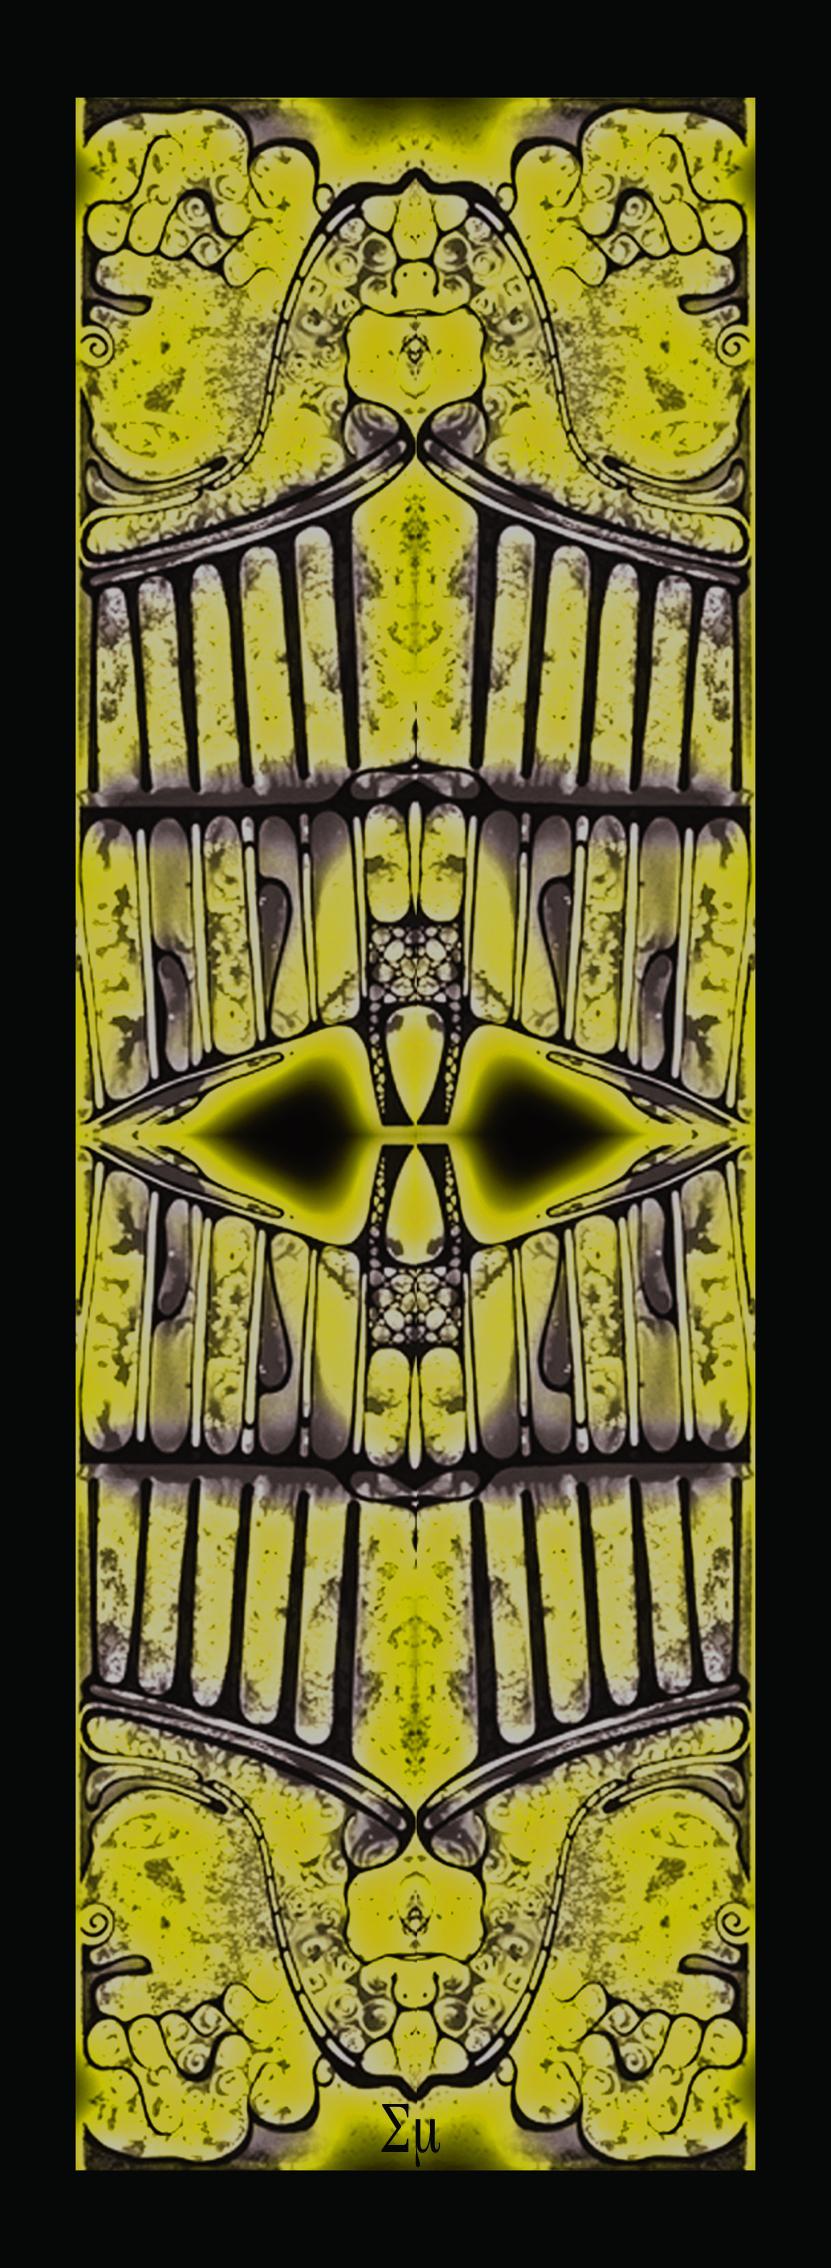 King Yellow